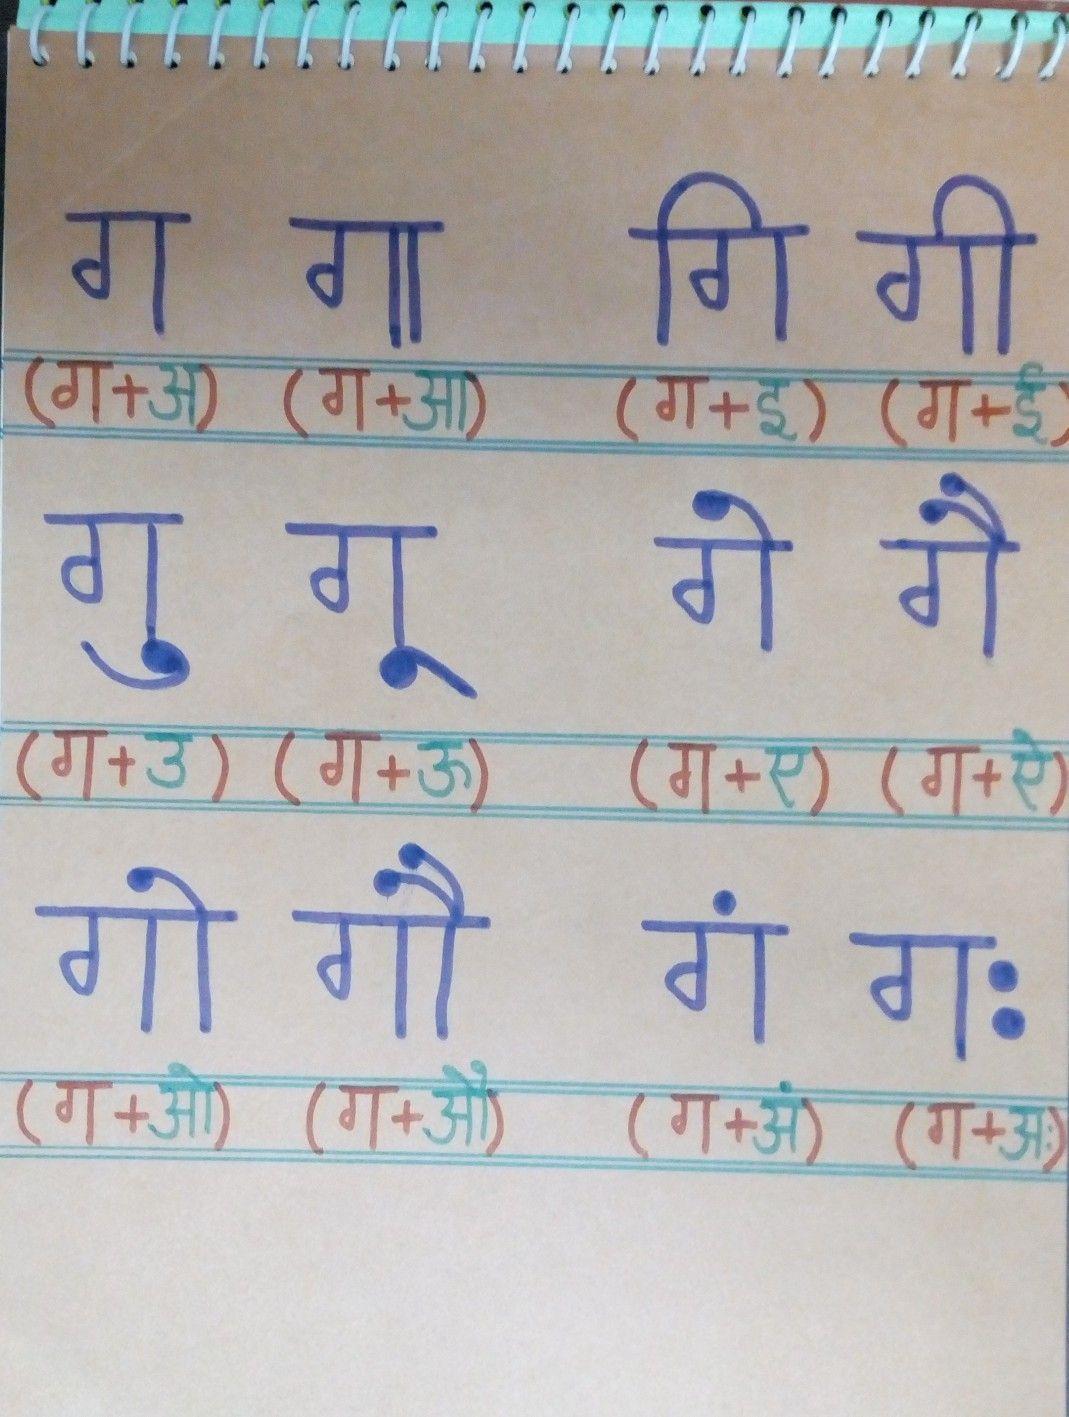 Pin By Jaya Dua Bajaj On Hindi Hindi Language Learning Hindi Worksheets Hindi Words [ 1417 x 1069 Pixel ]